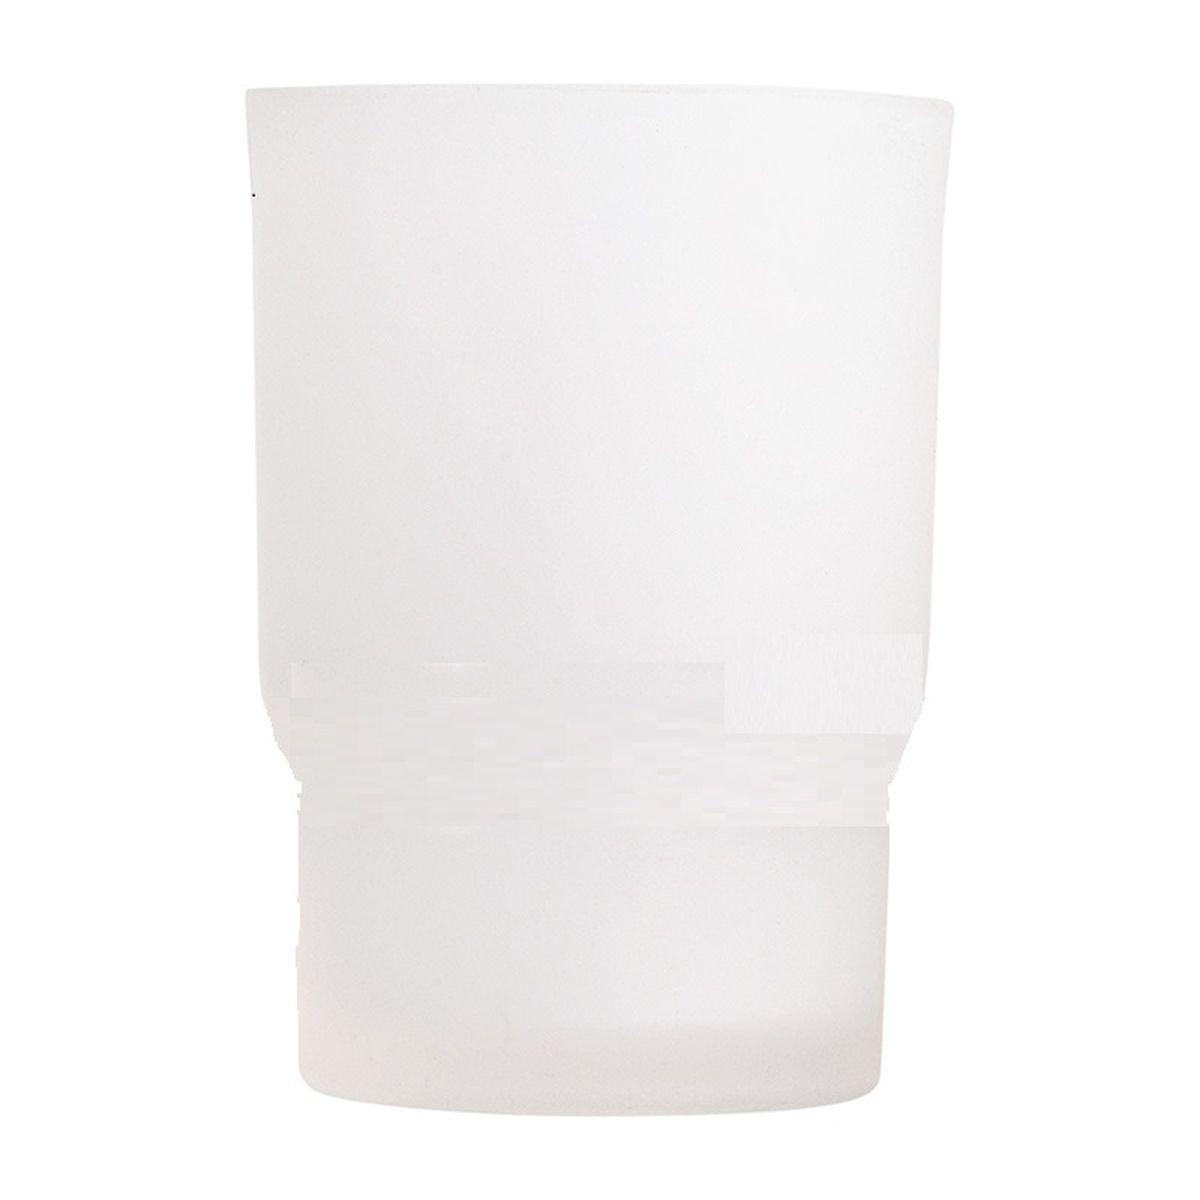 Стакан для ванной комнаты Vanstore Овал, 6,7 х 6,7 х 9,5 смRG-D31SСтакан для ванной комнаты Vanstore Овал изготовлен из высококачественного матового стекла. В стакане удобно хранить зубные щетки, тюбики с зубной пастой и другие принадлежности. Такой аксессуар для ванной комнаты стильно украсит интерьер и добавит в обычную обстановку яркие и модные акценты. Изделие отлично сочетается с другими аксессуарами из коллекции Овал. Может служит дополнительным стаканом для комплекта 003-23.